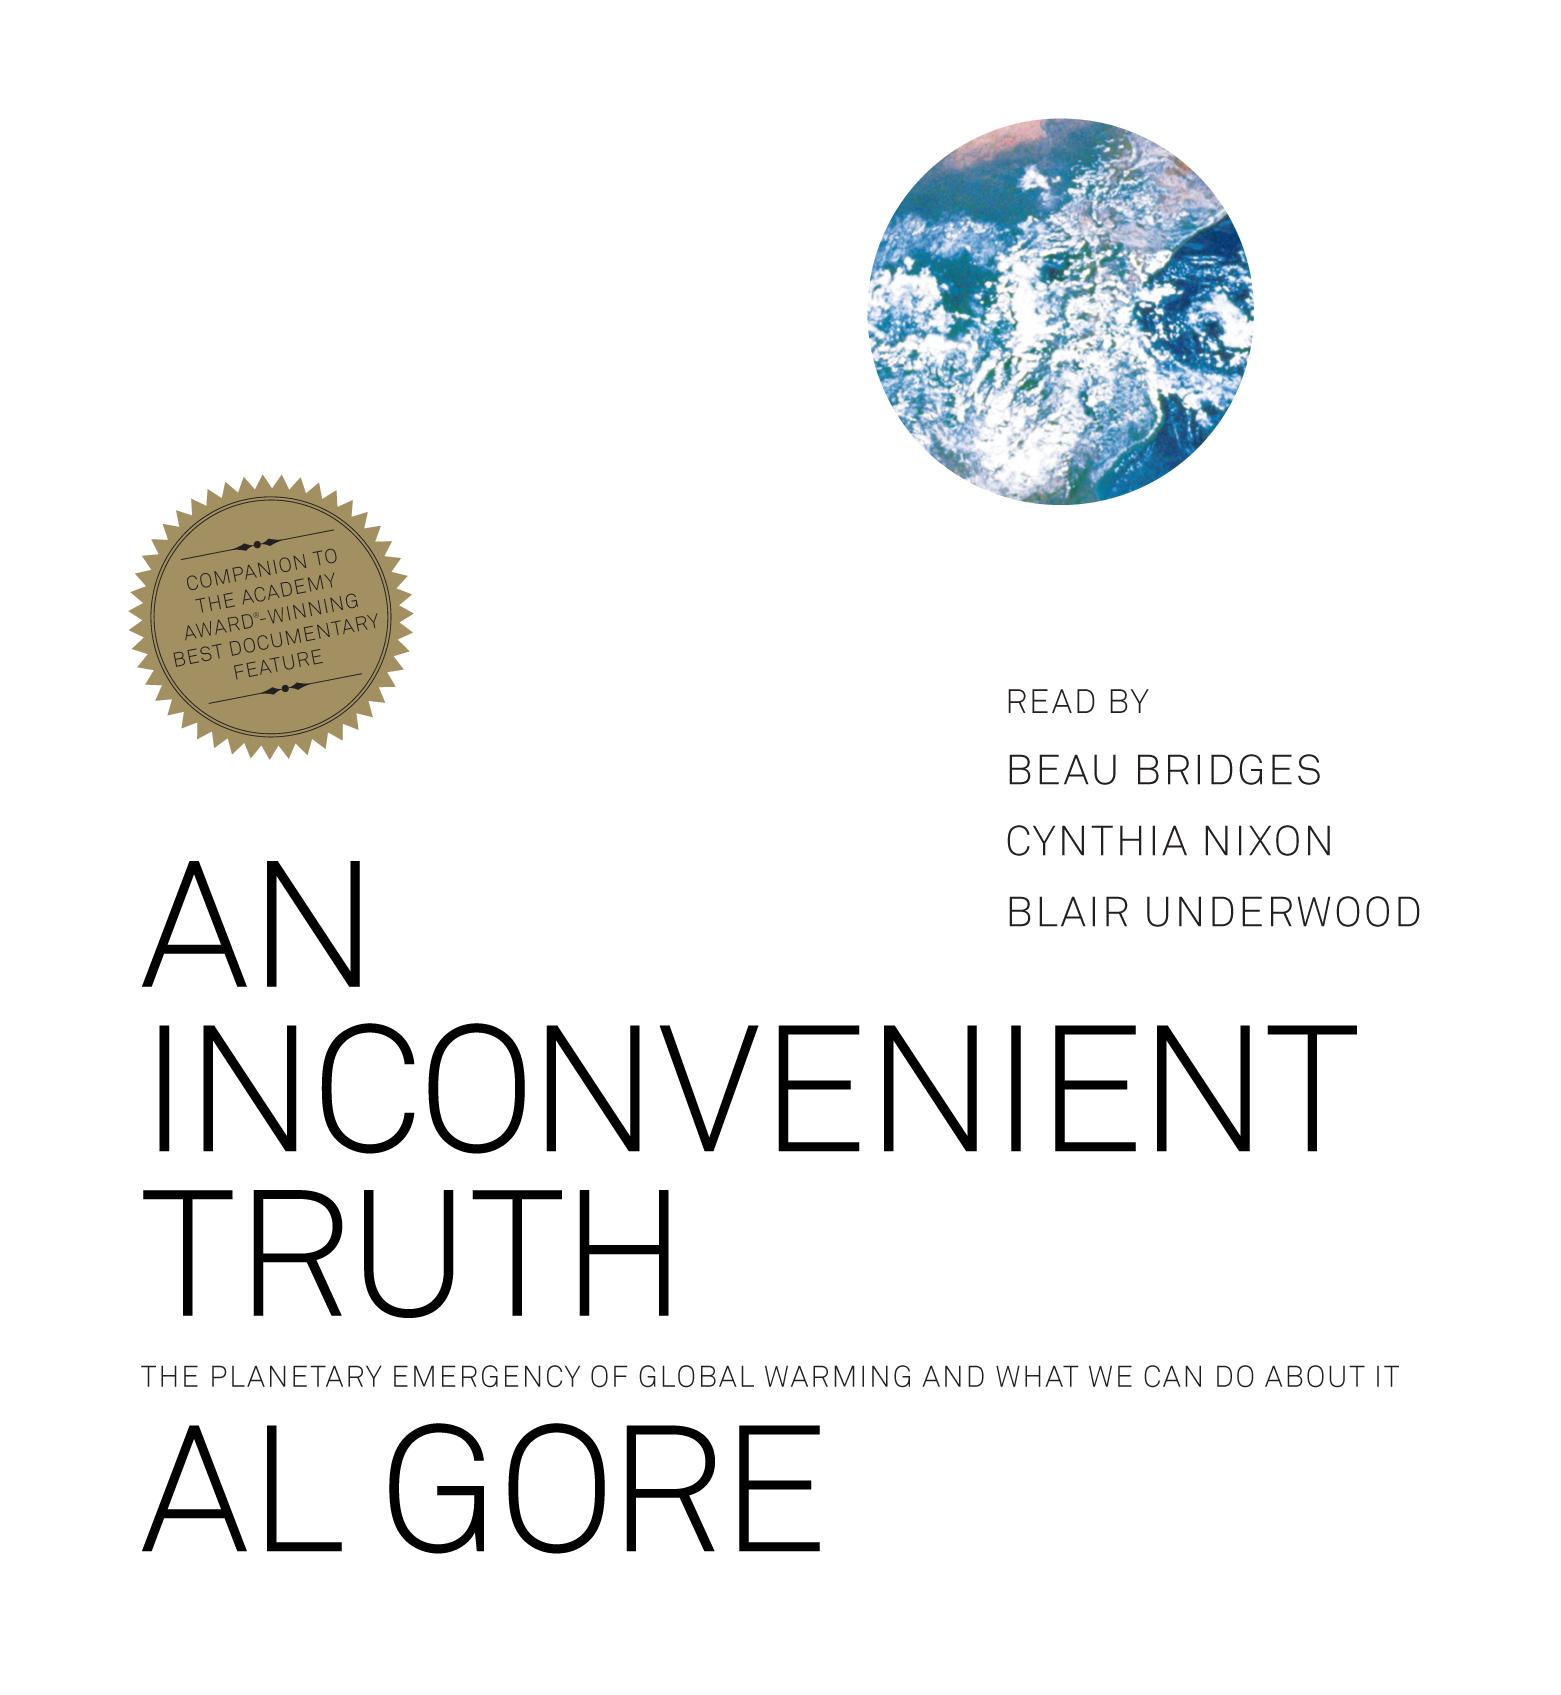 Worksheets An Inconvenient Truth New York Science Teacher an inconvenient truth audiobook by al gore beau bridges cynthia 9780743572033 hr